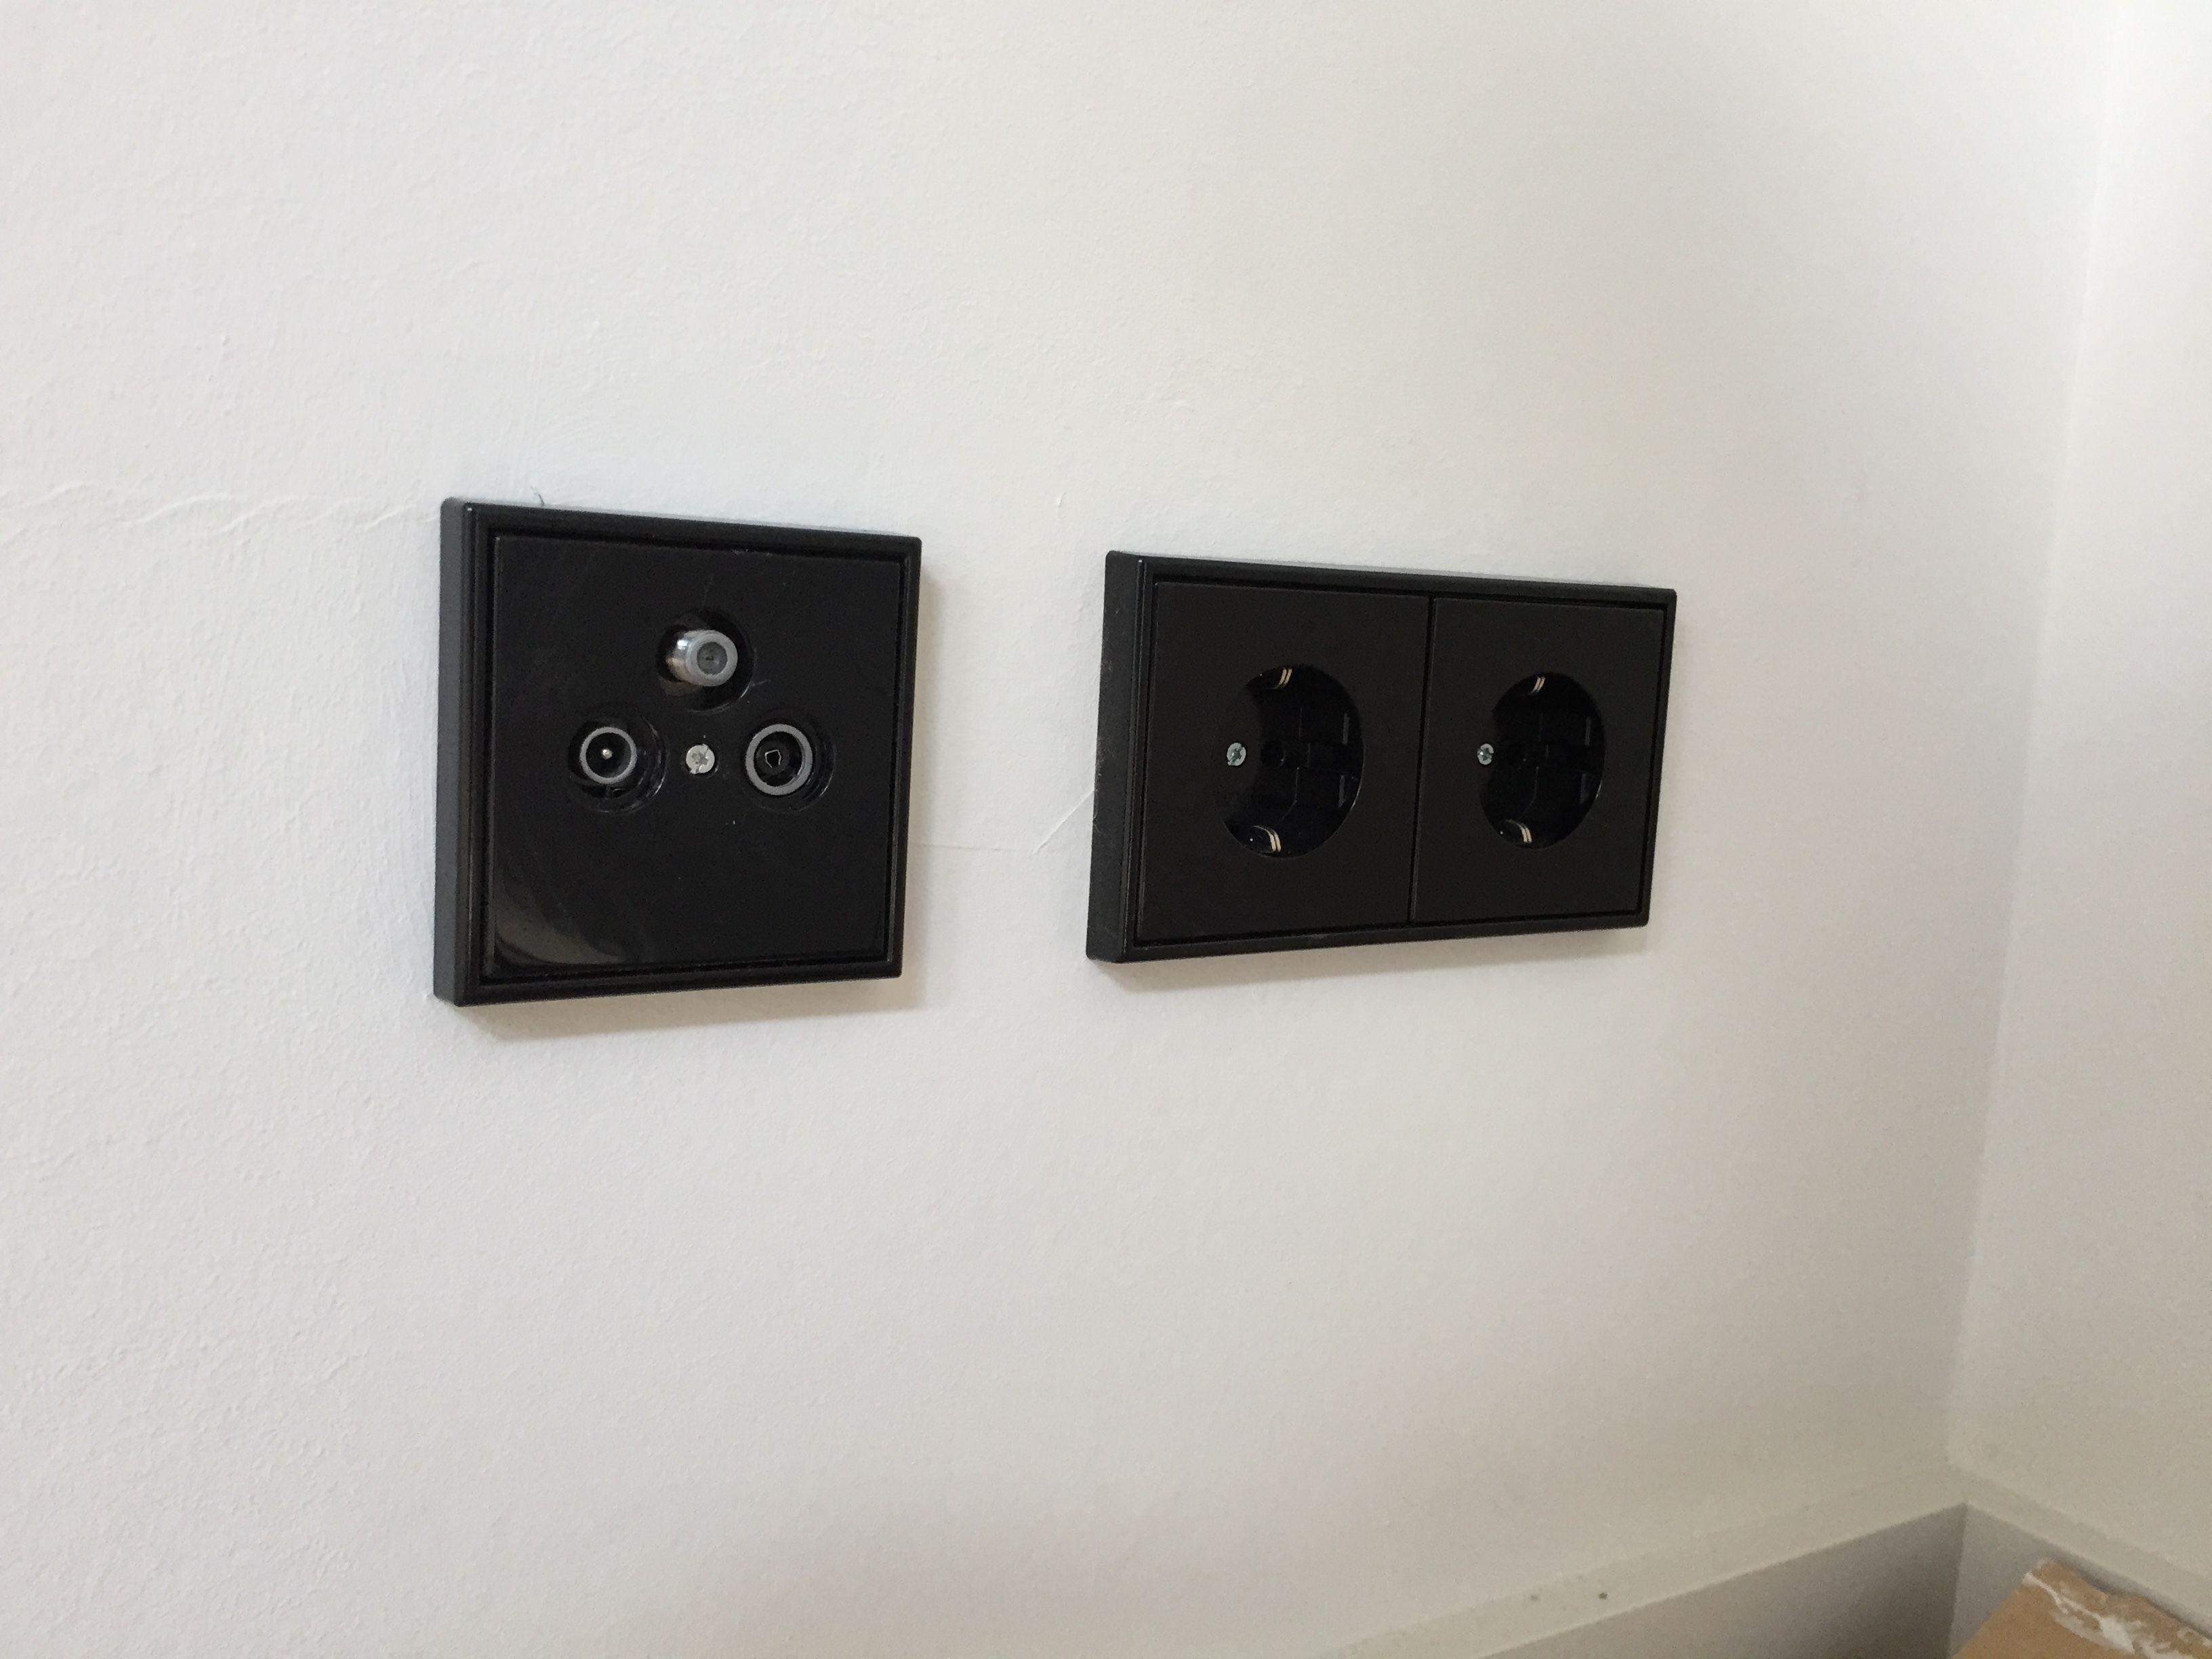 Schalter und Steckdosen von Jung LS990 in schwarz | Schalter und ...